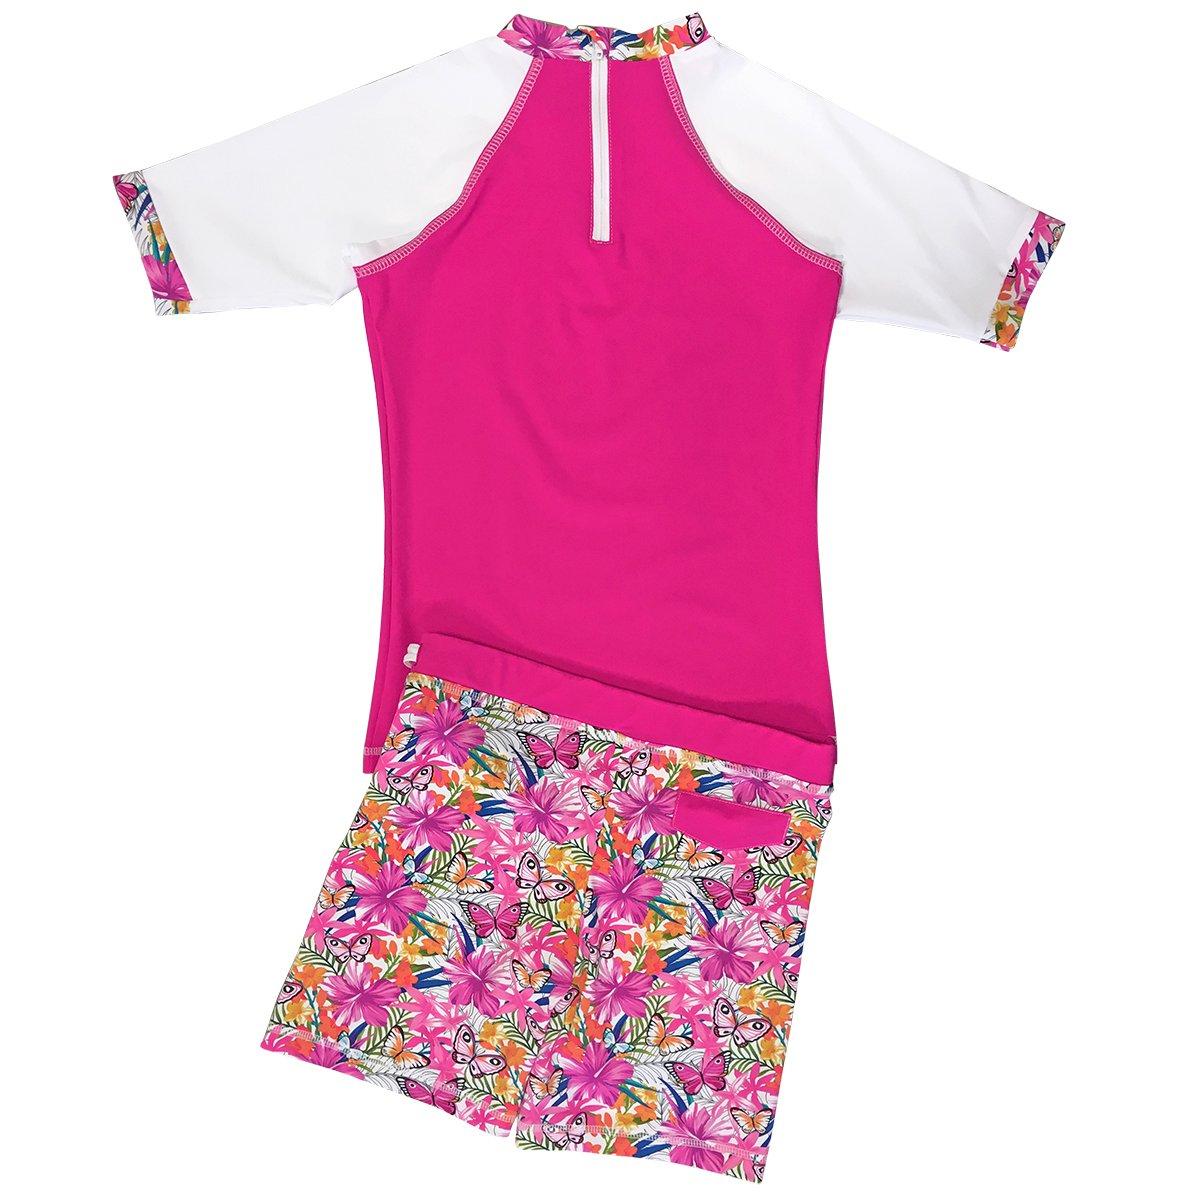 FEDJOA Kinder UV Schutz Schwimmanzug -Mädchen- Cynthia Cynthia Cynthia - Französische Design B07CWZ2511 Badeanzüge Viele Stile a40c8f